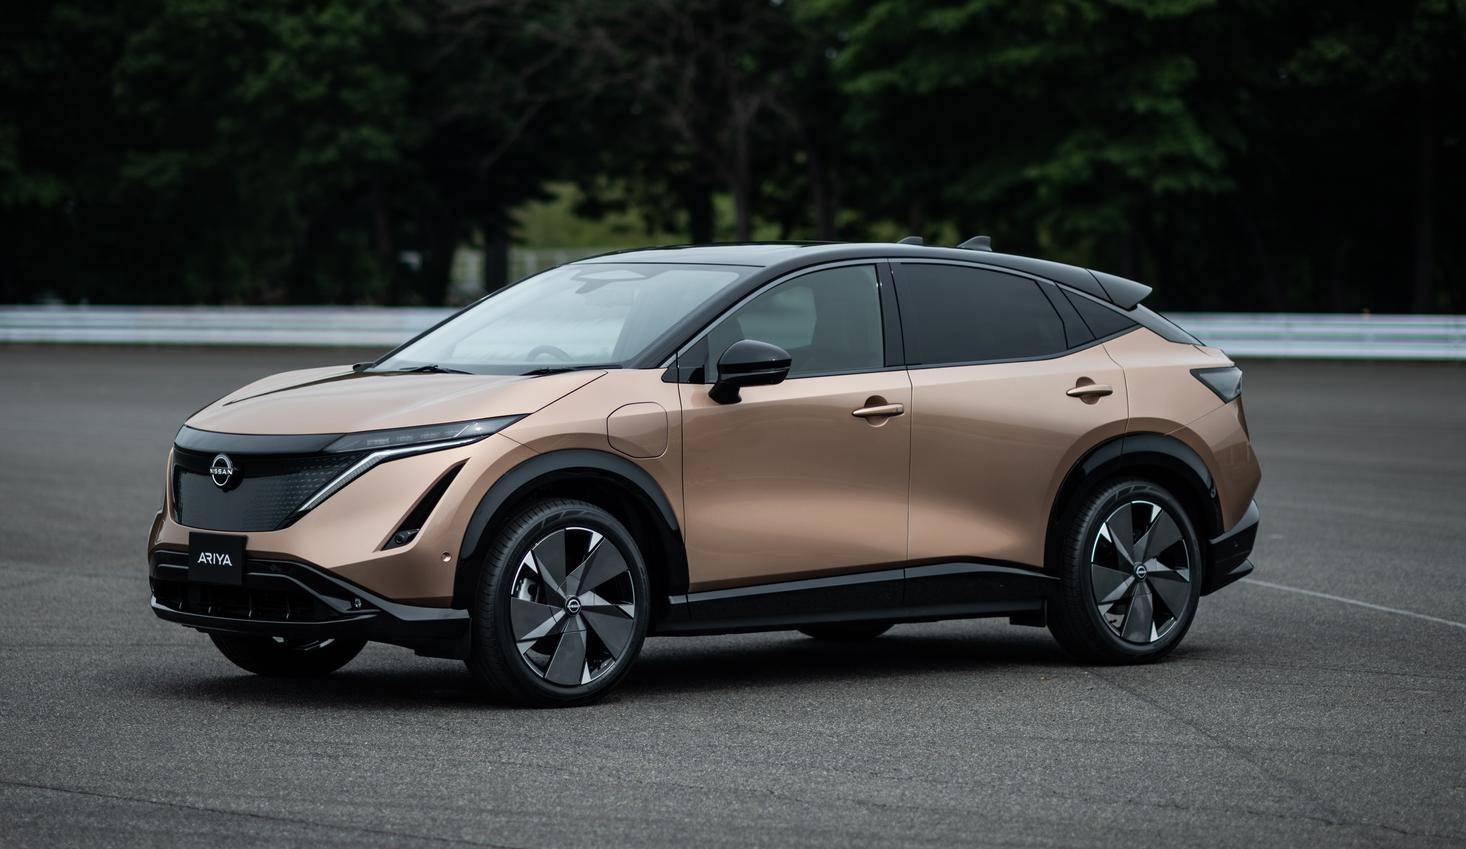 Nissan ima novi električni SUV s dosegom čak 500 kilometara